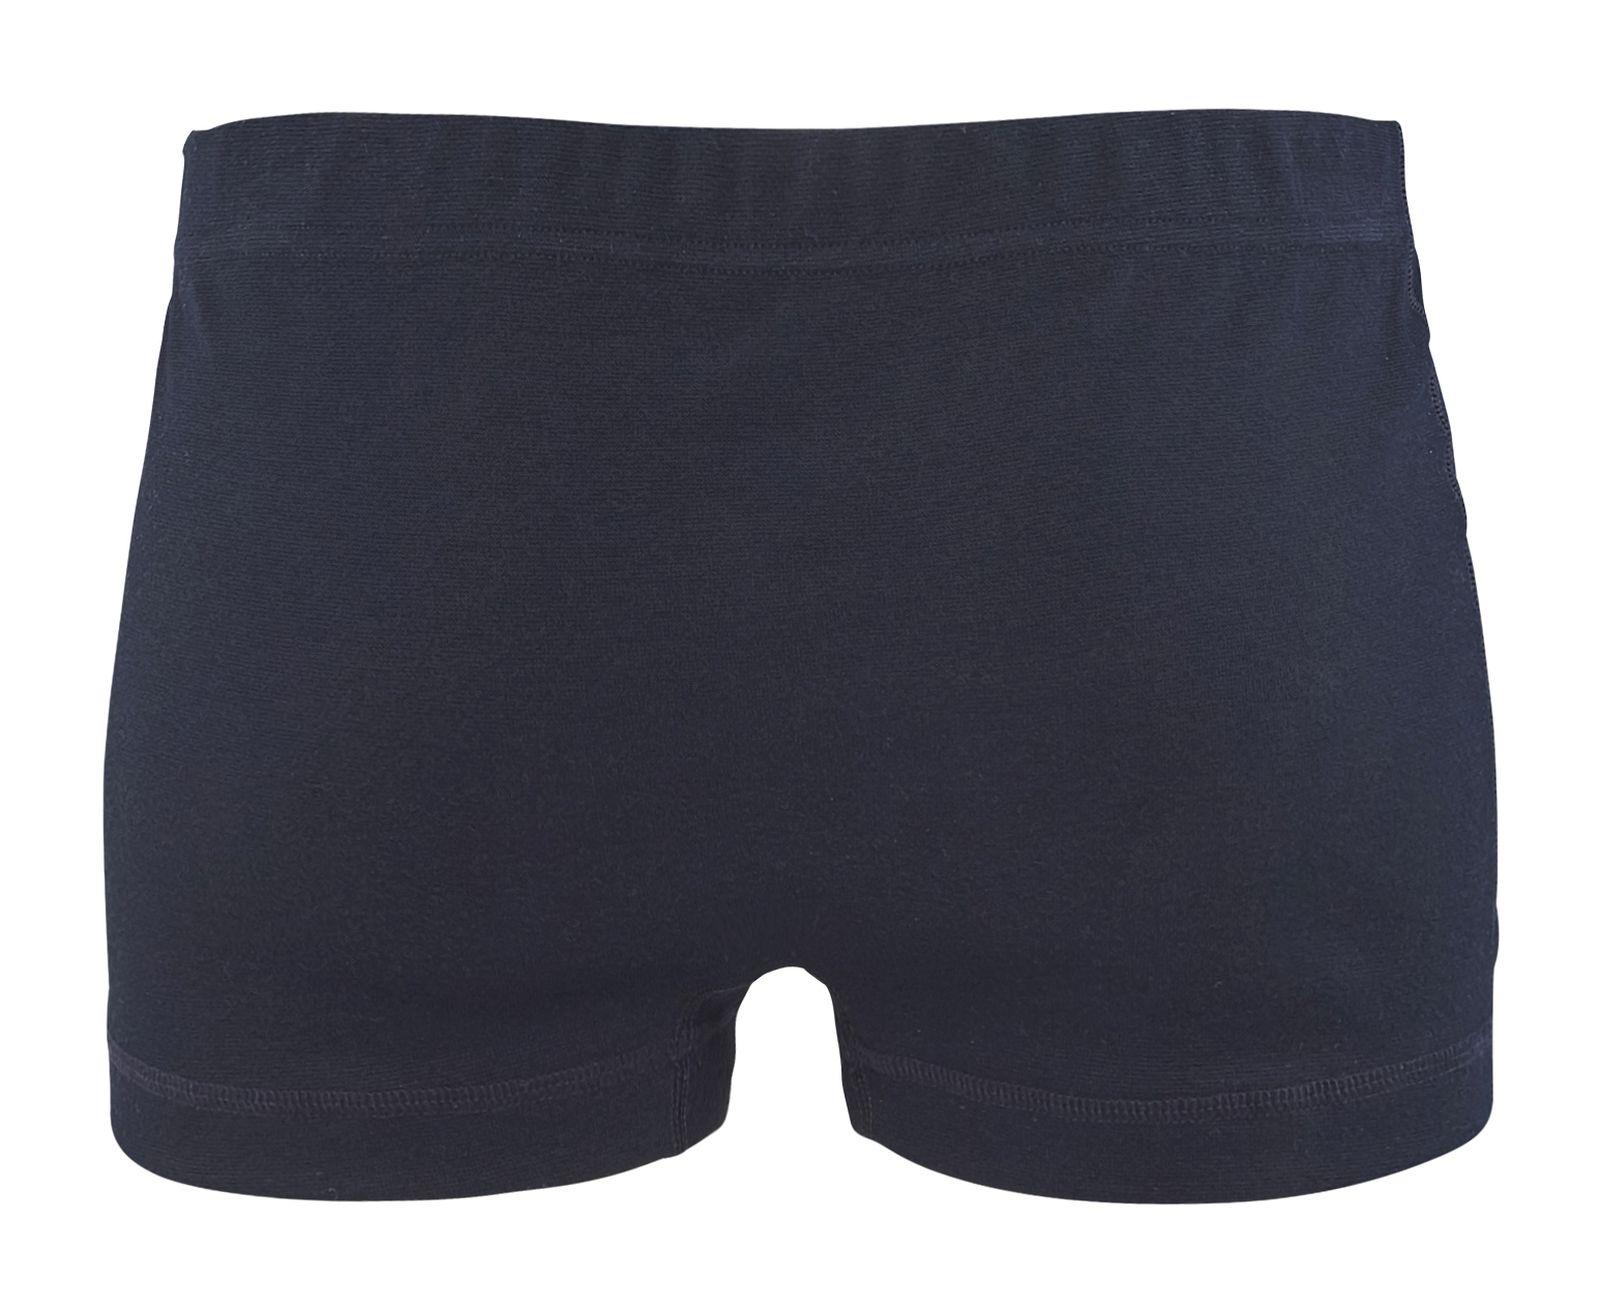 Blaklader Onderbroeken 18261722 Vlamvertragend marineblauw(8900)